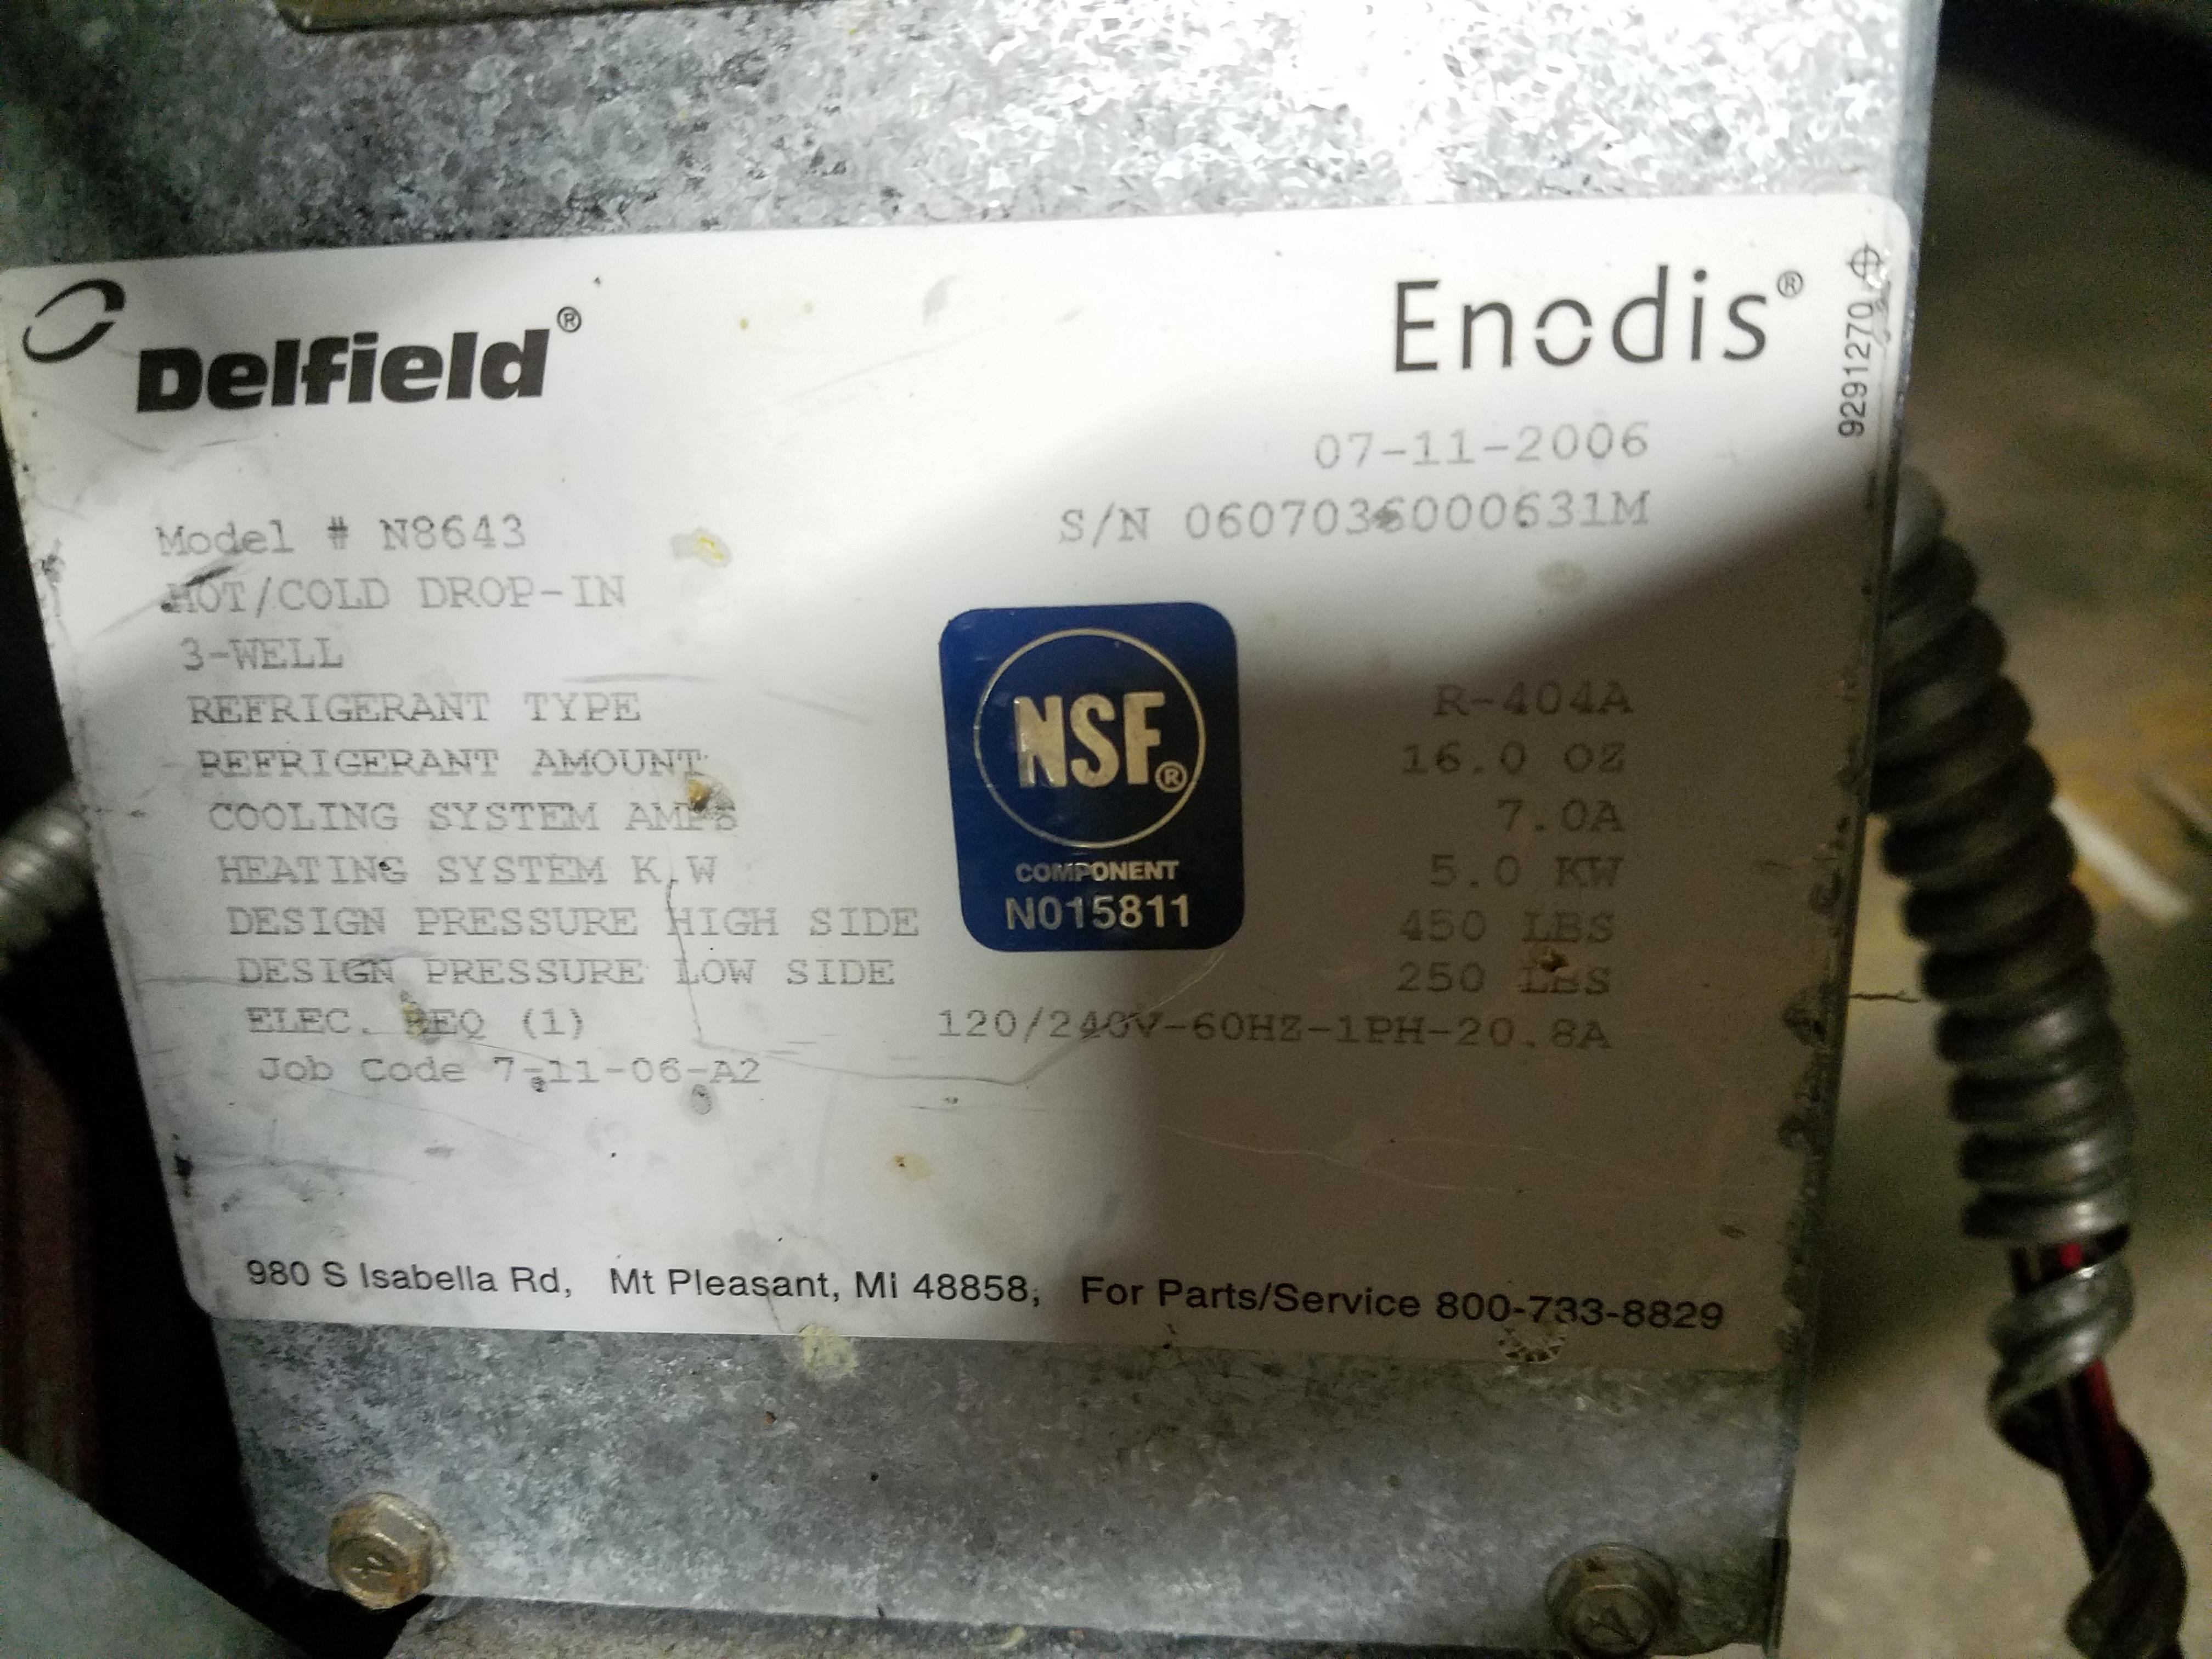 Delfield Delfield Swanson Mechanical LLC